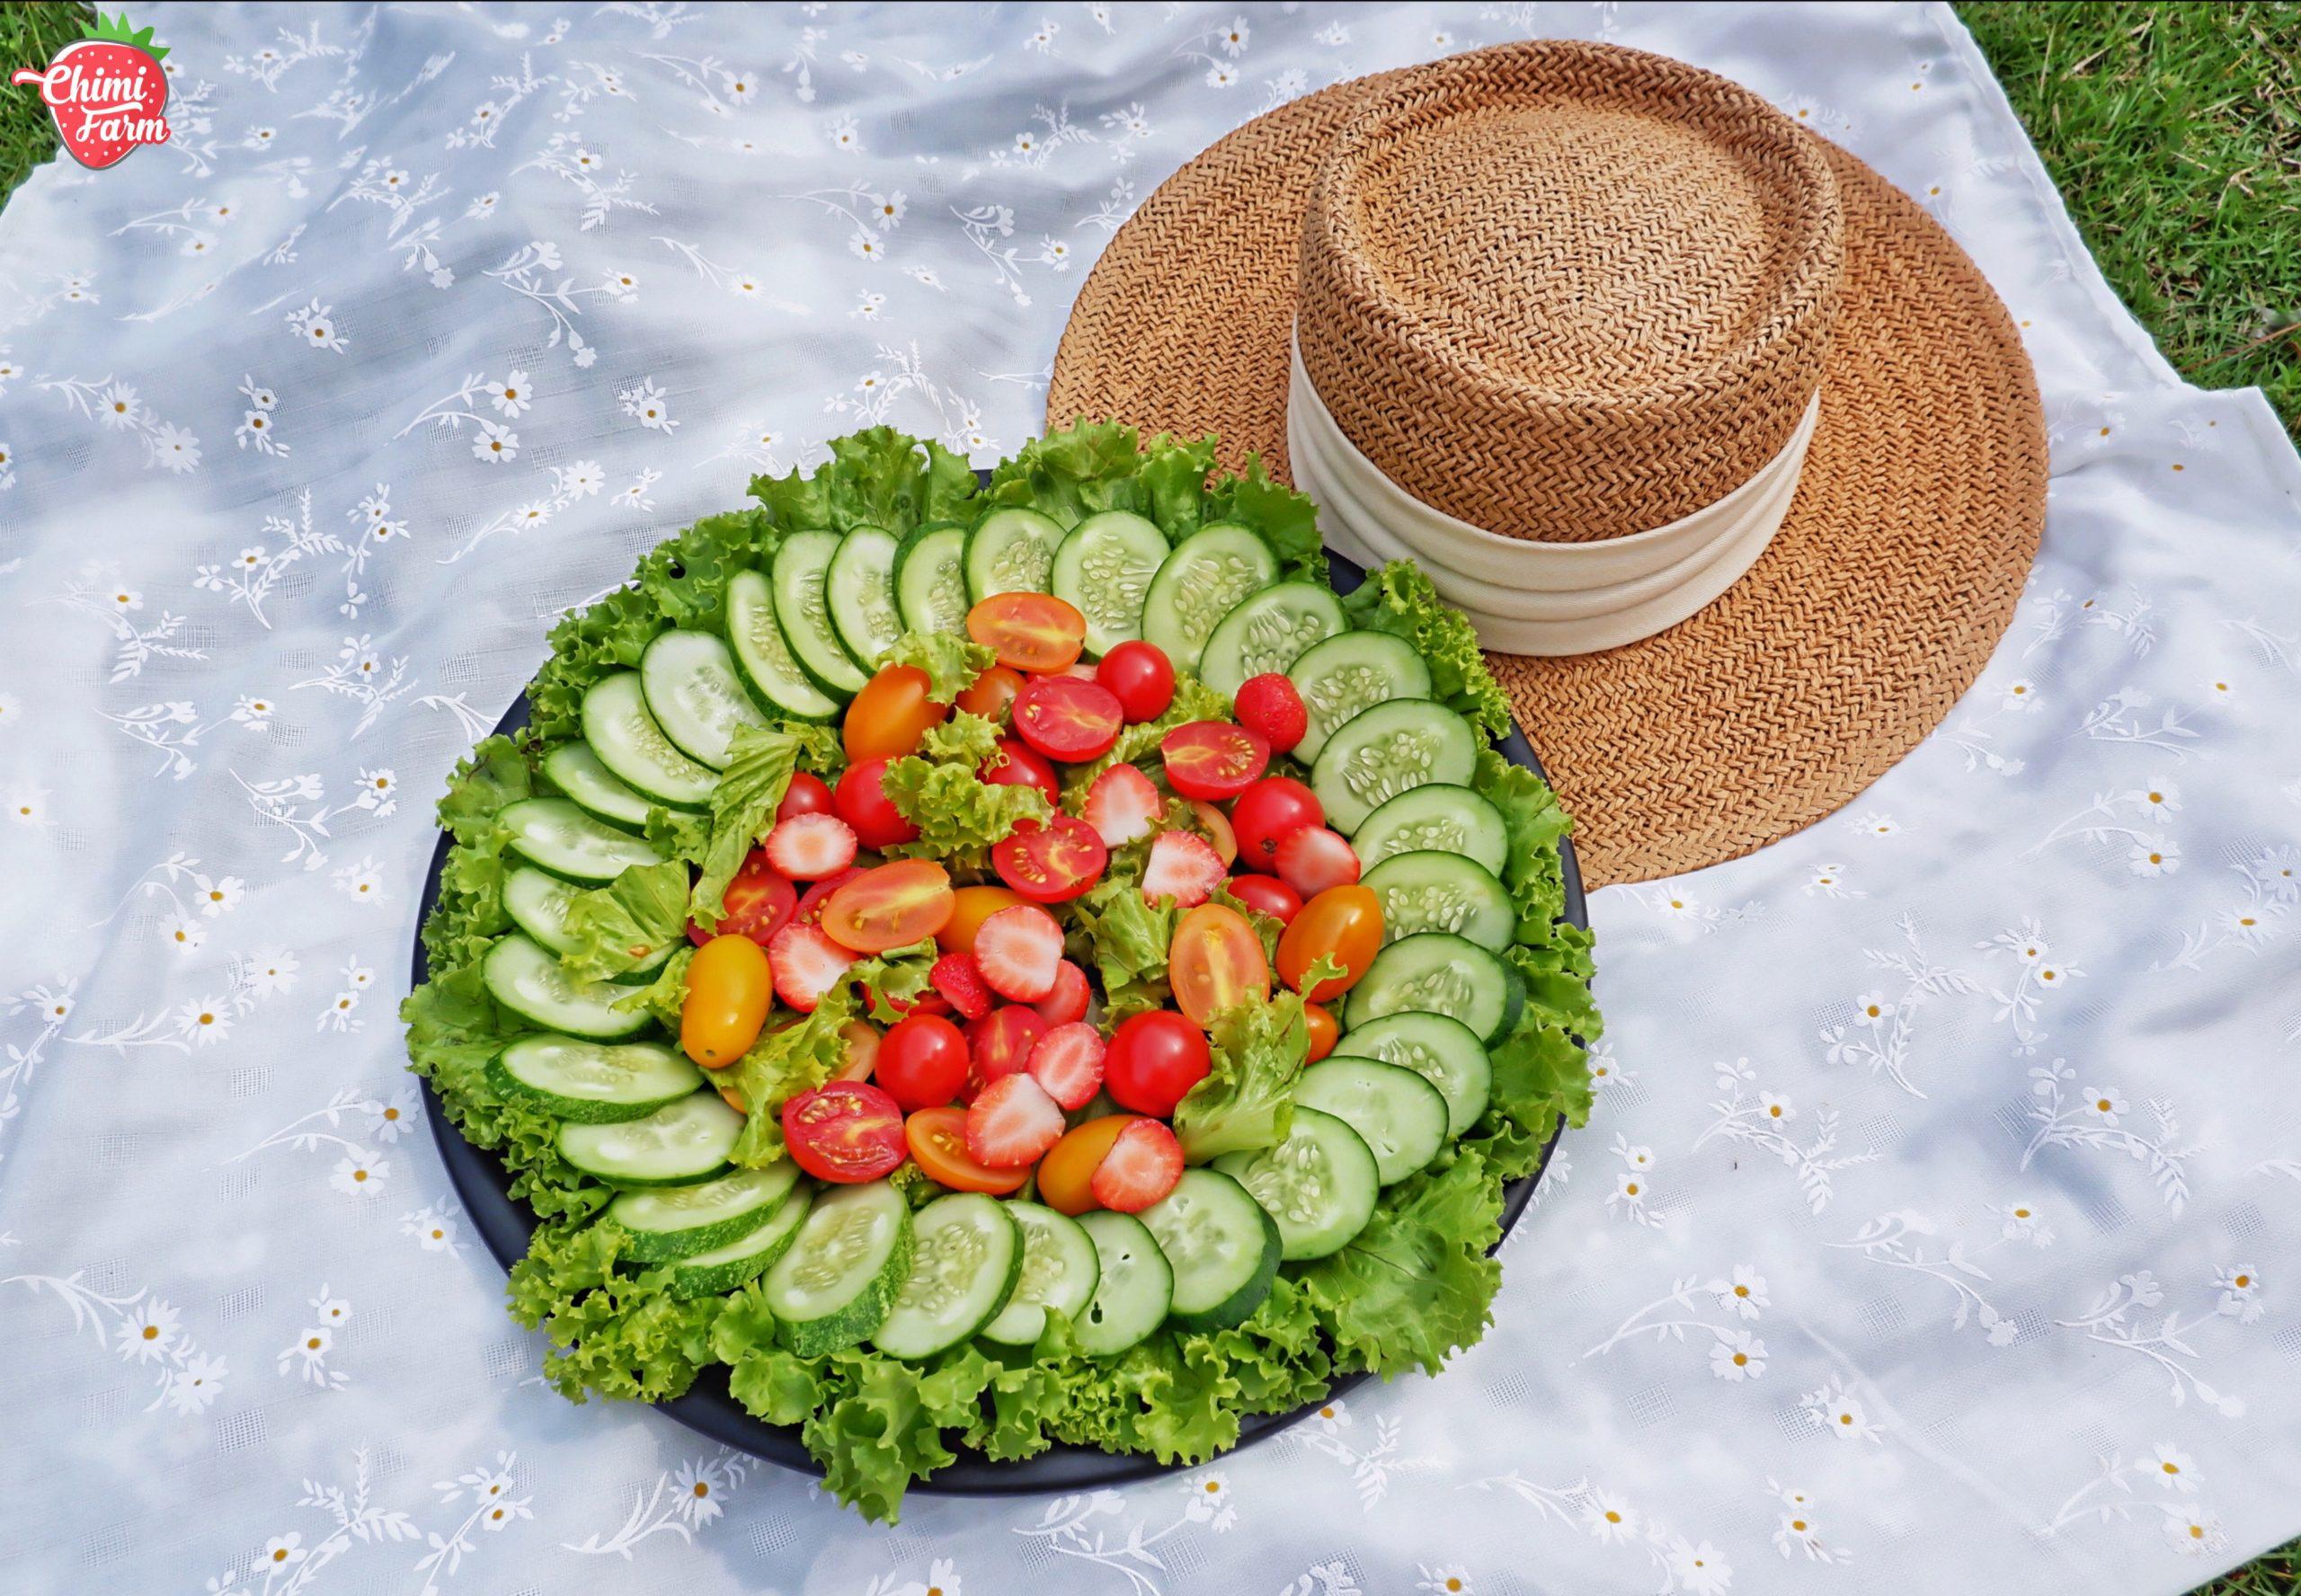 Salad là món không thể thiếu cho những buổi picnic cuối tuần